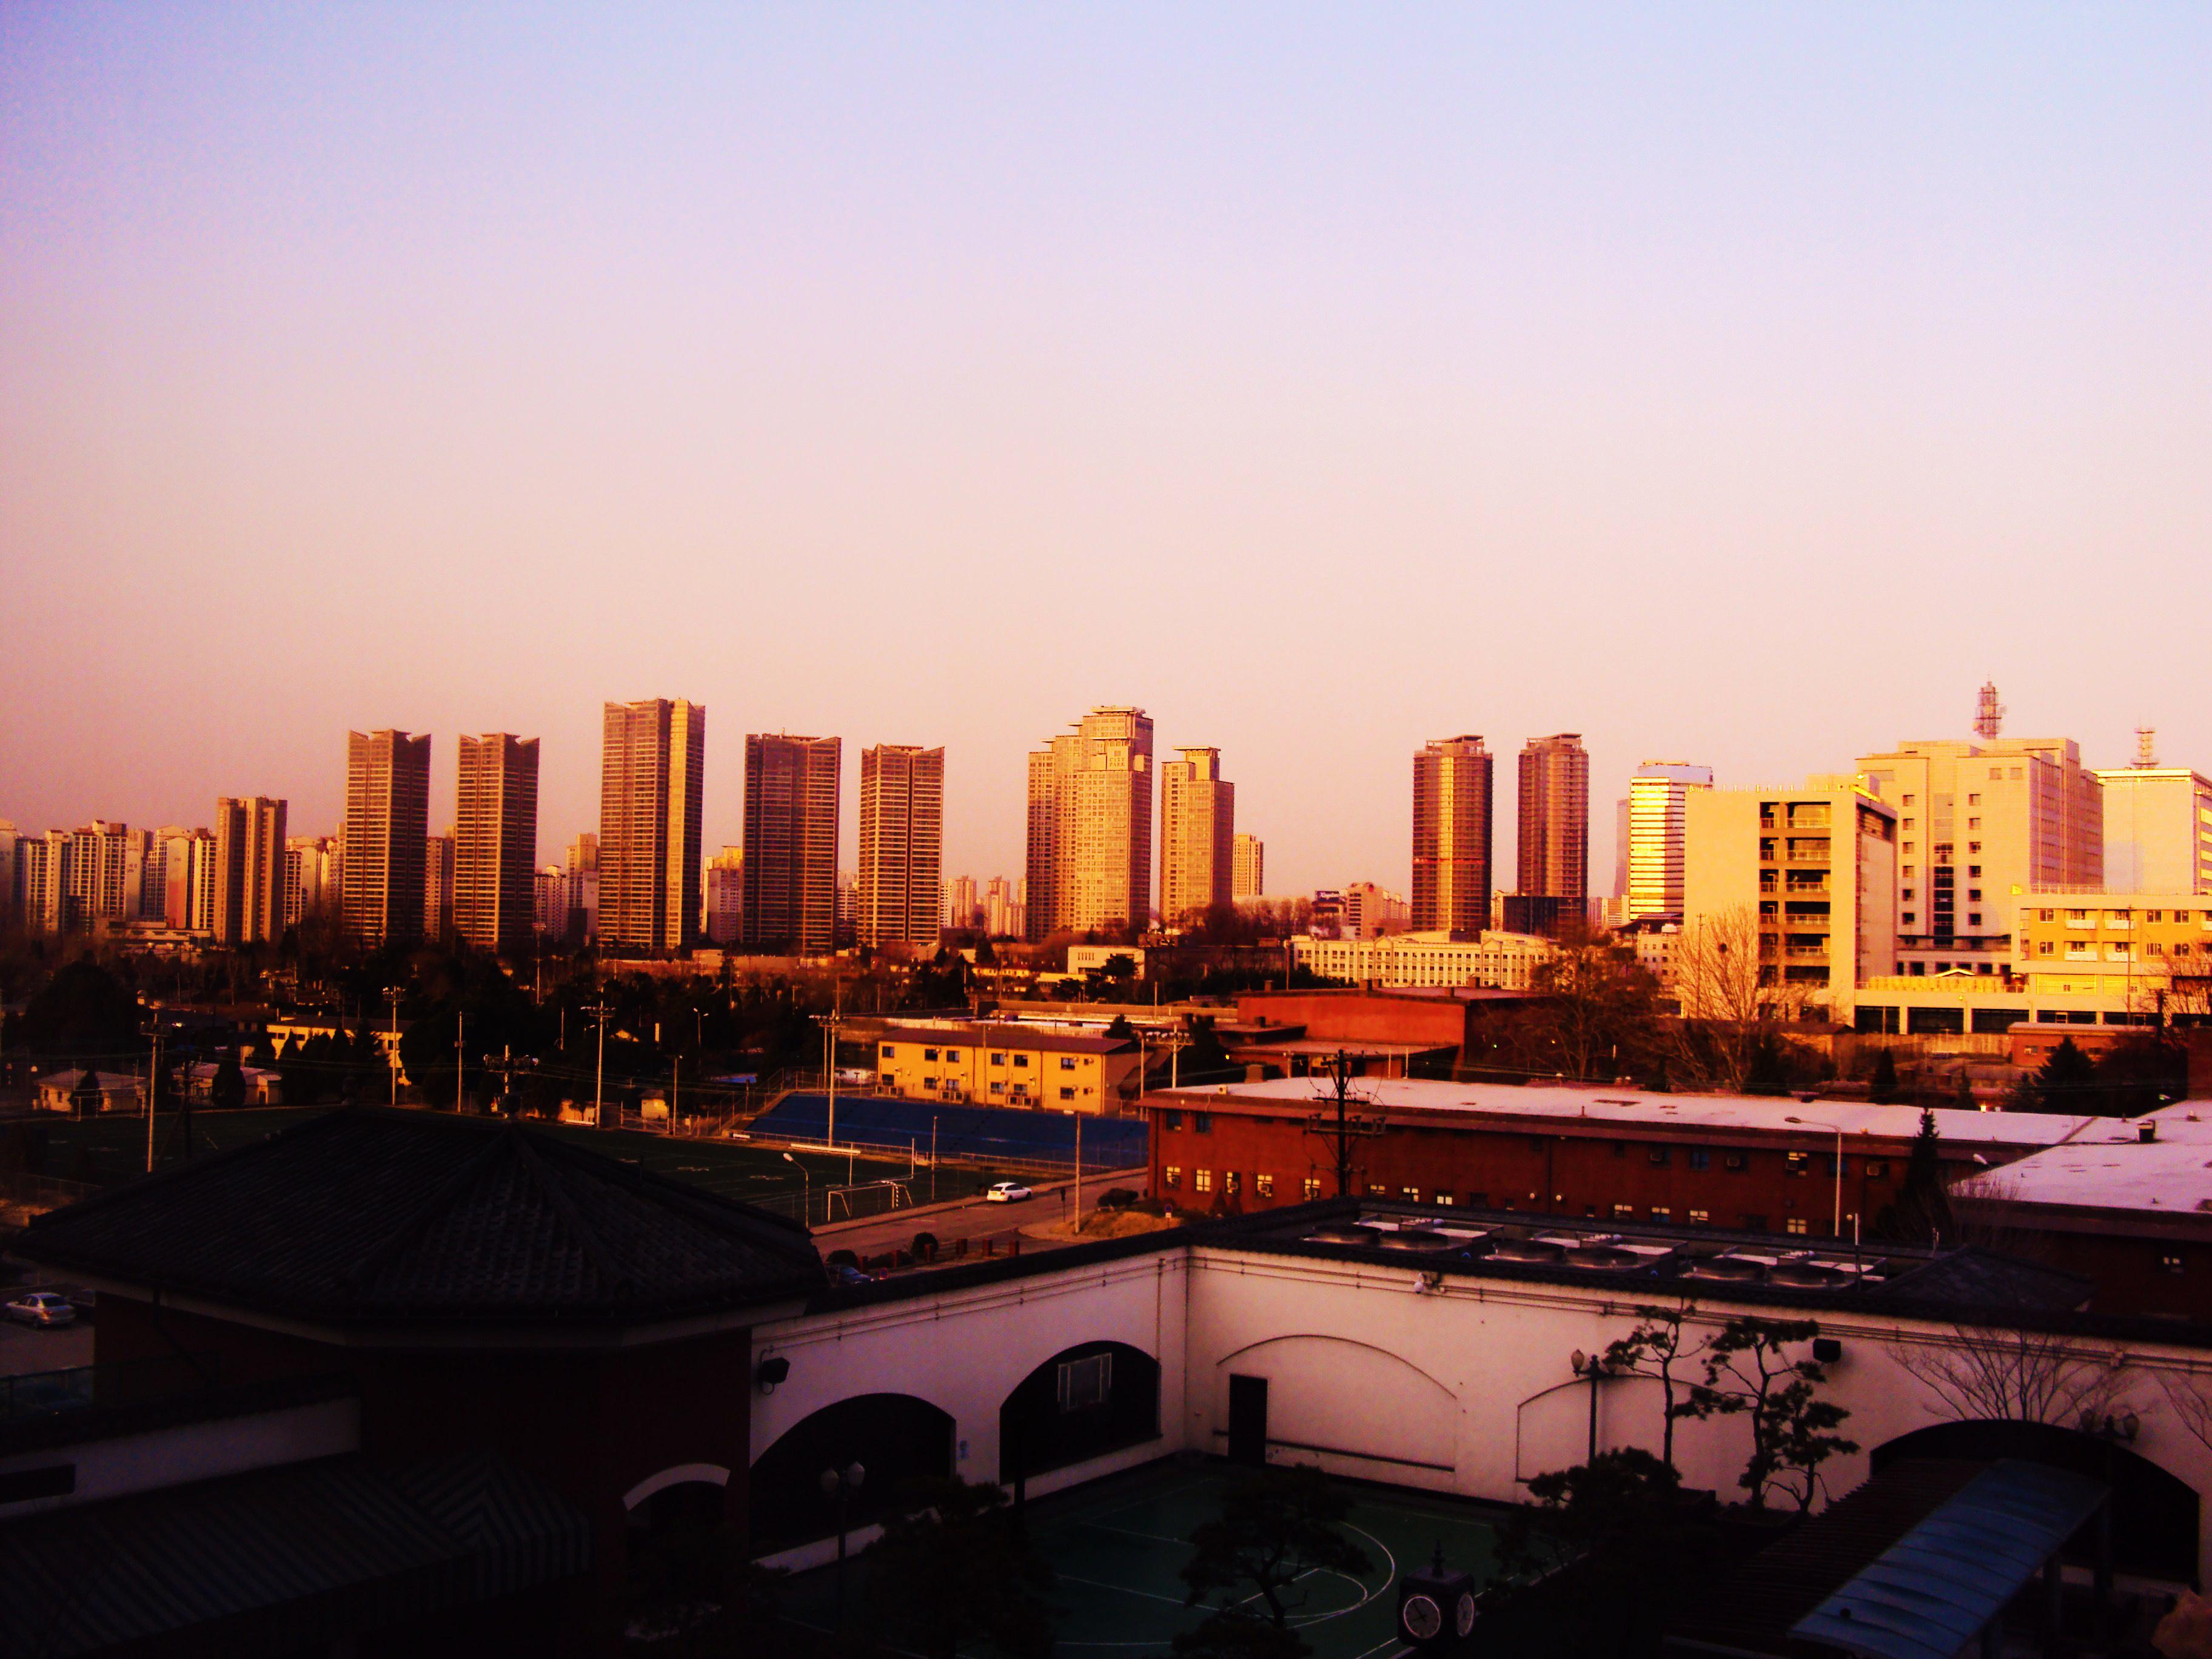 Seoul, South Korea by RememberingReno